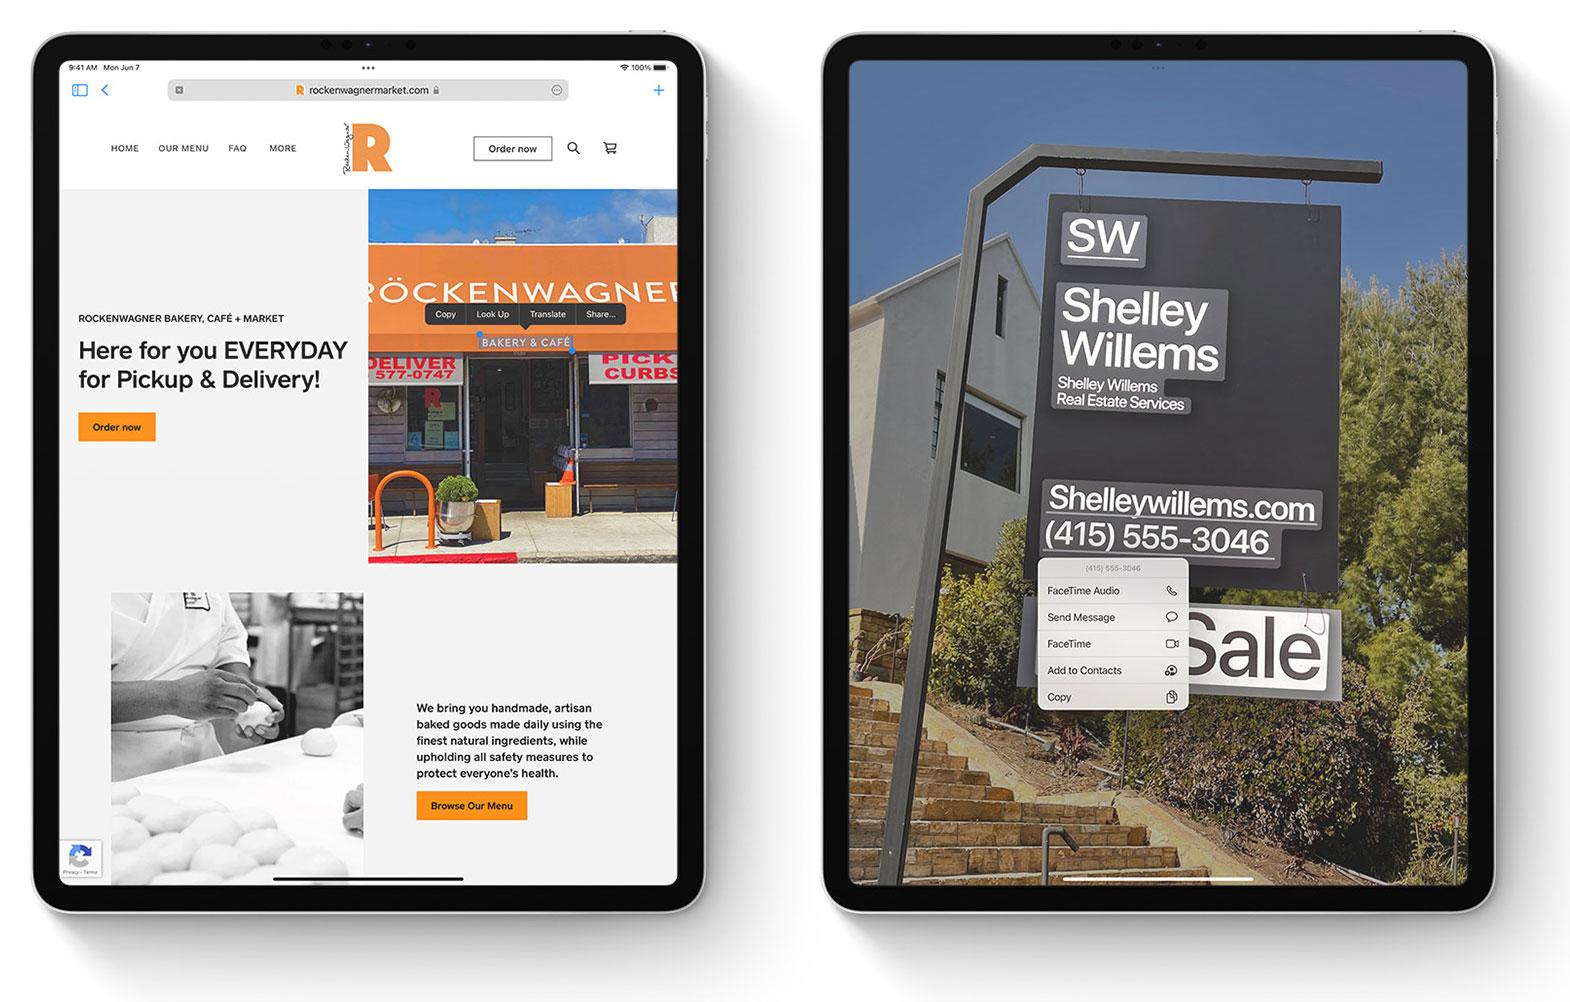 Reconocimiento de texto en imágenes en iPadOS 15.